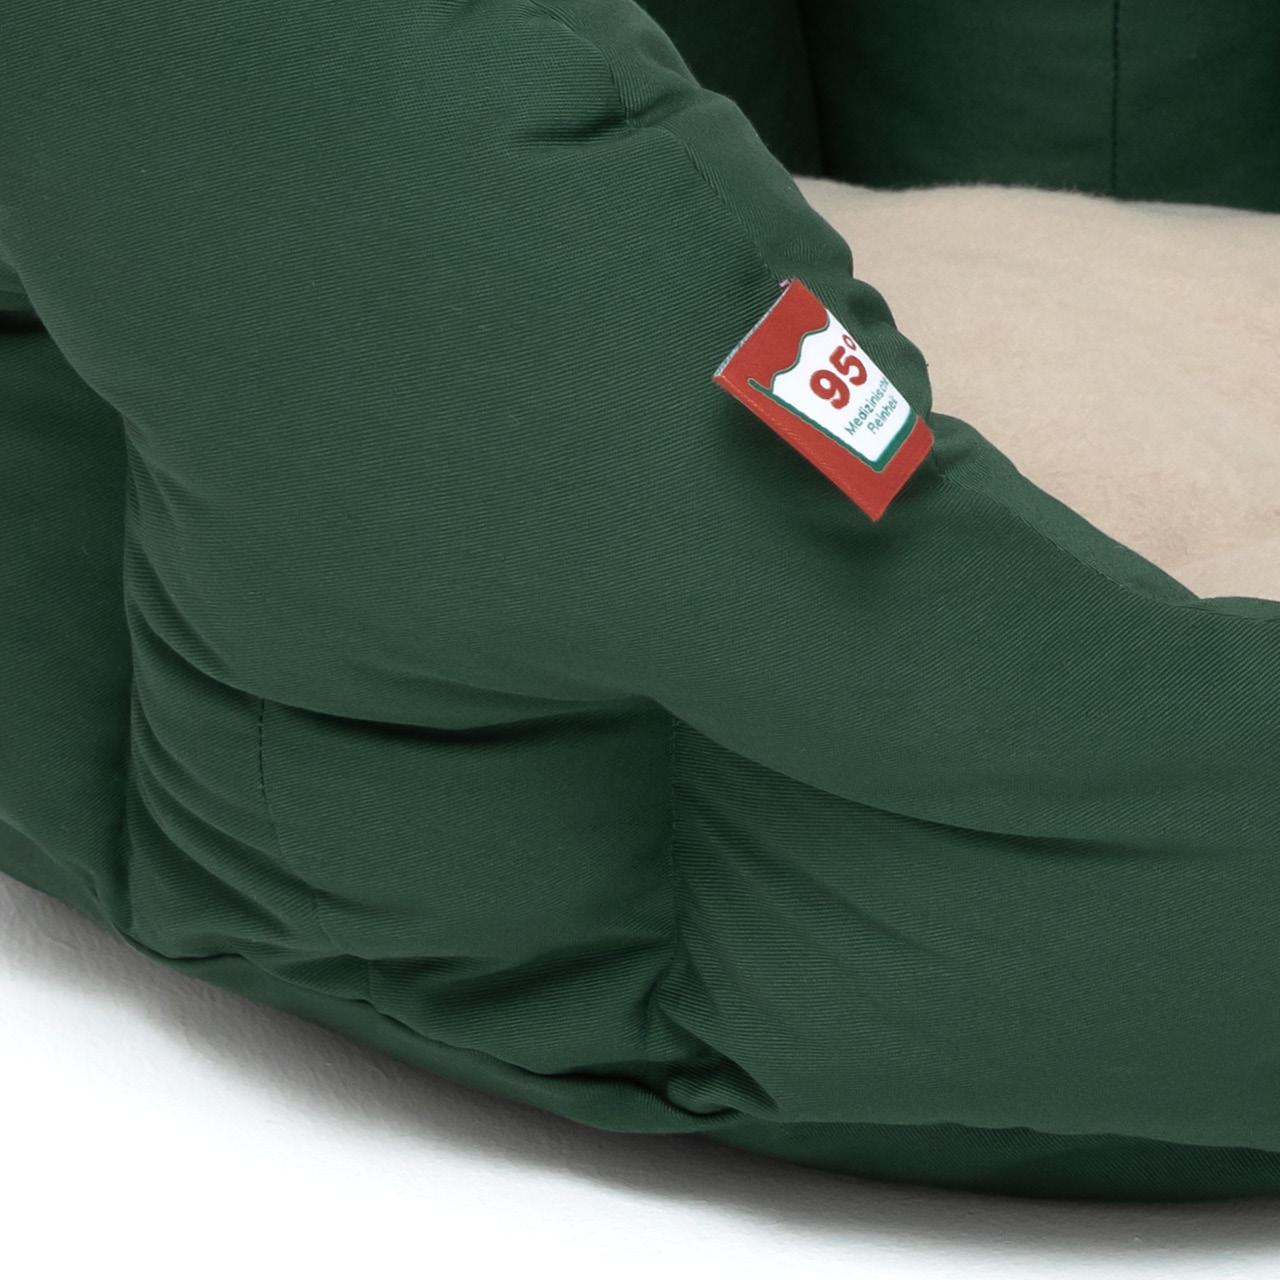 rundes Hundebett mit orthopädischem Wendekissen Doctor Bark - beige-moosgrün